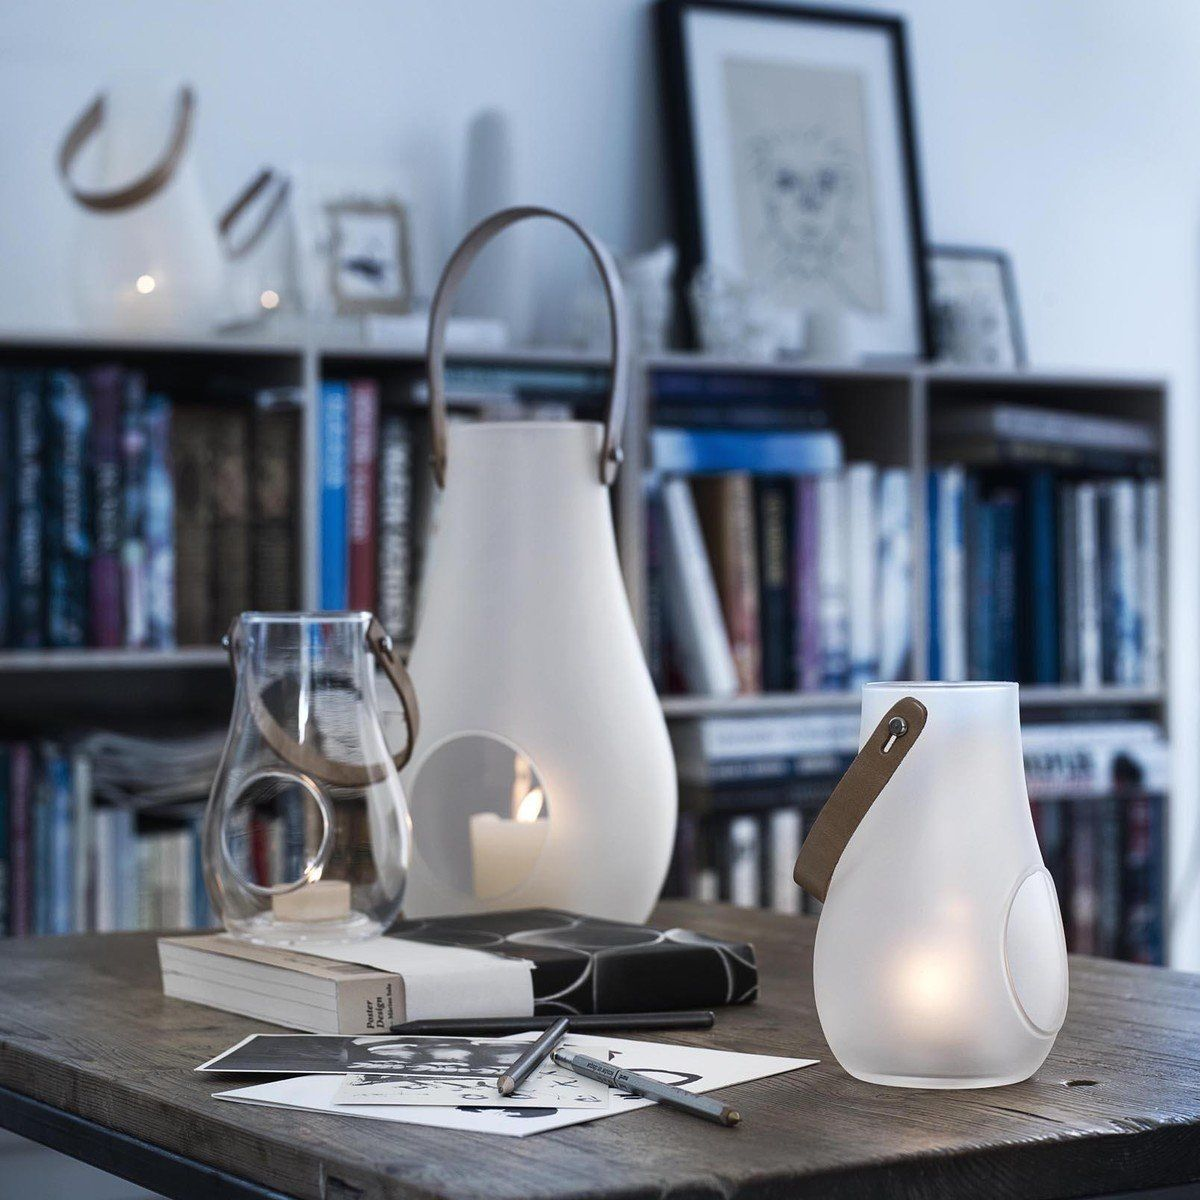 Holmegaard   Design With Light Laterne Holmegaard   Design With Light  Laterne ...